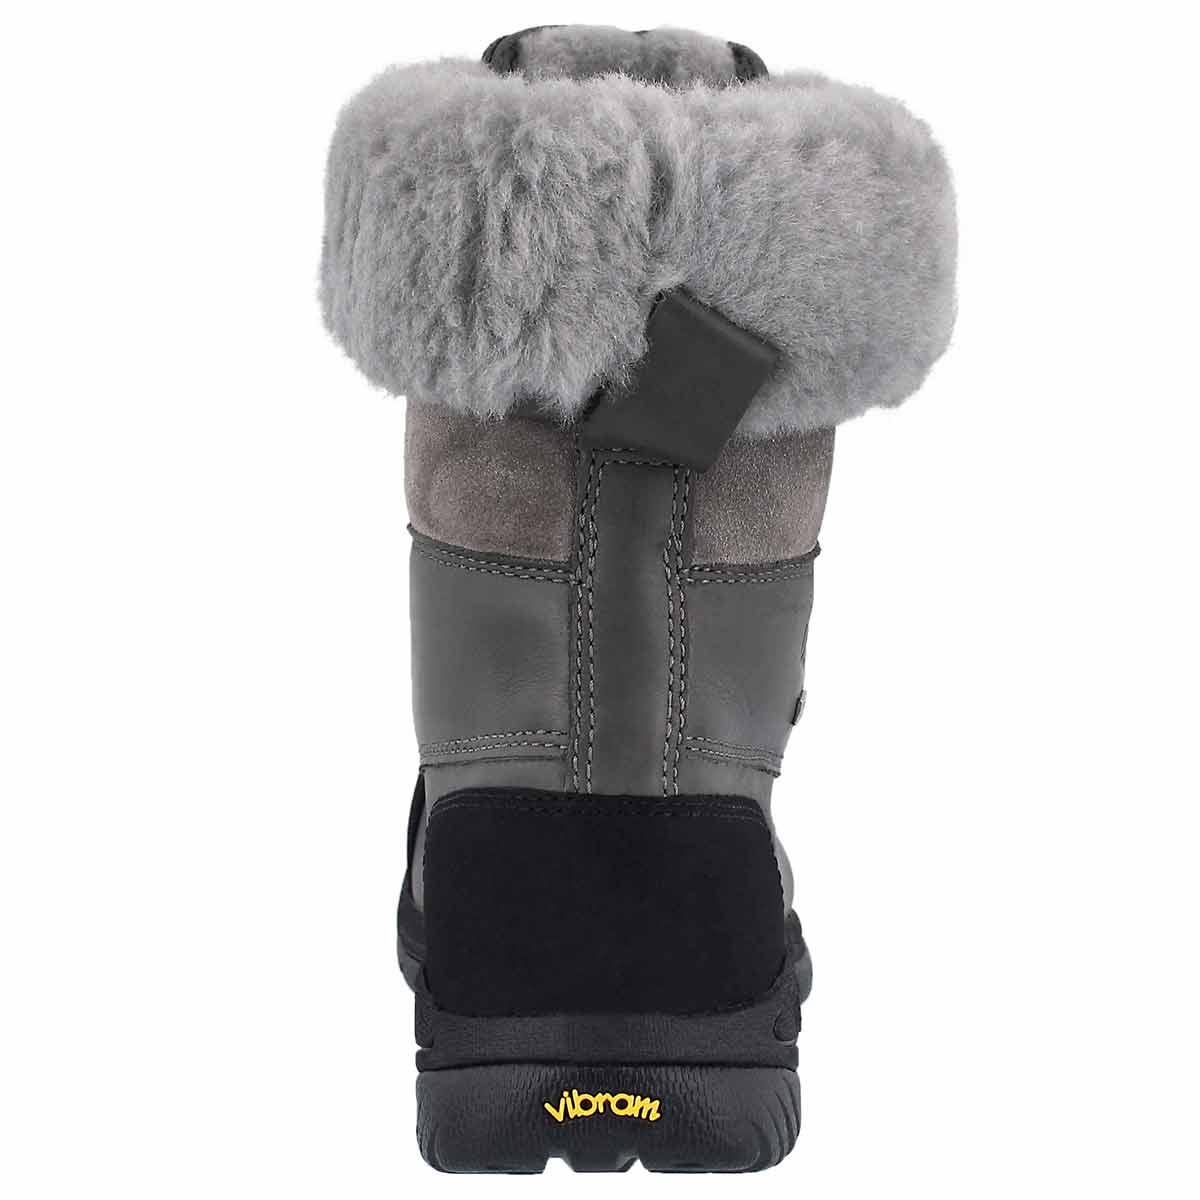 Mns Butte metal sheepskin boot